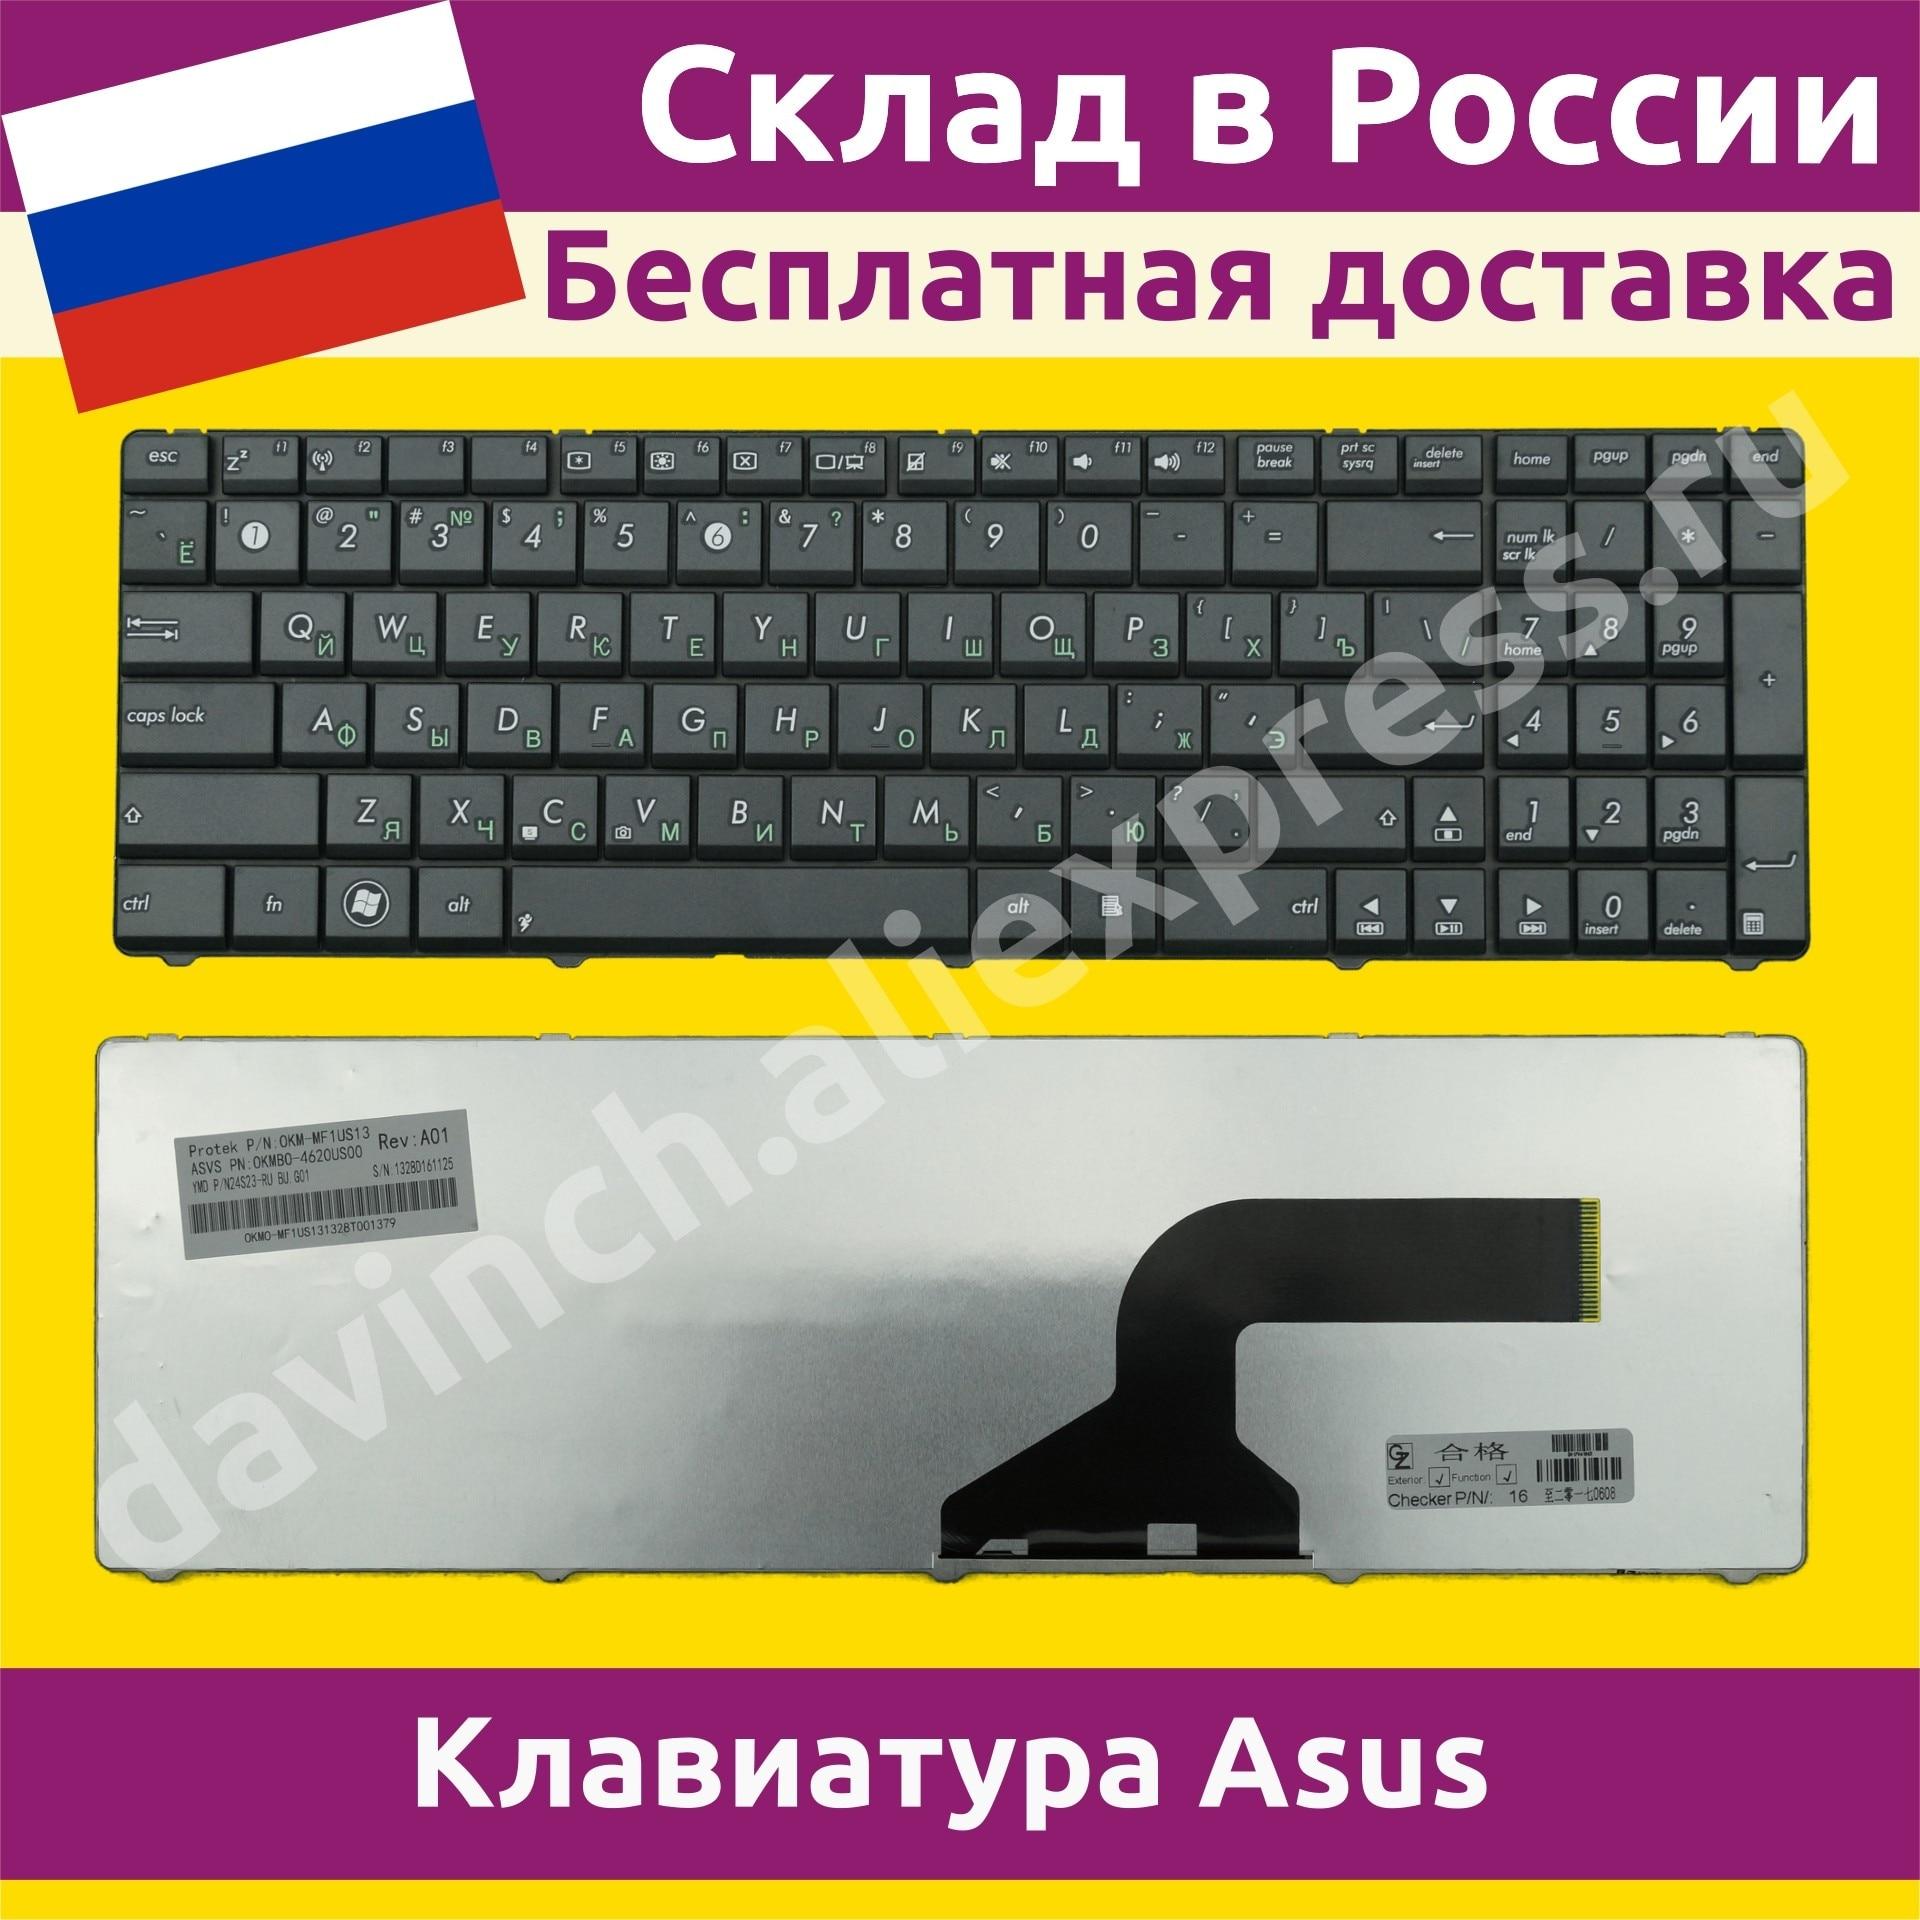 Клавиатура для ноутбука Asus K52JB новая русская 010061f